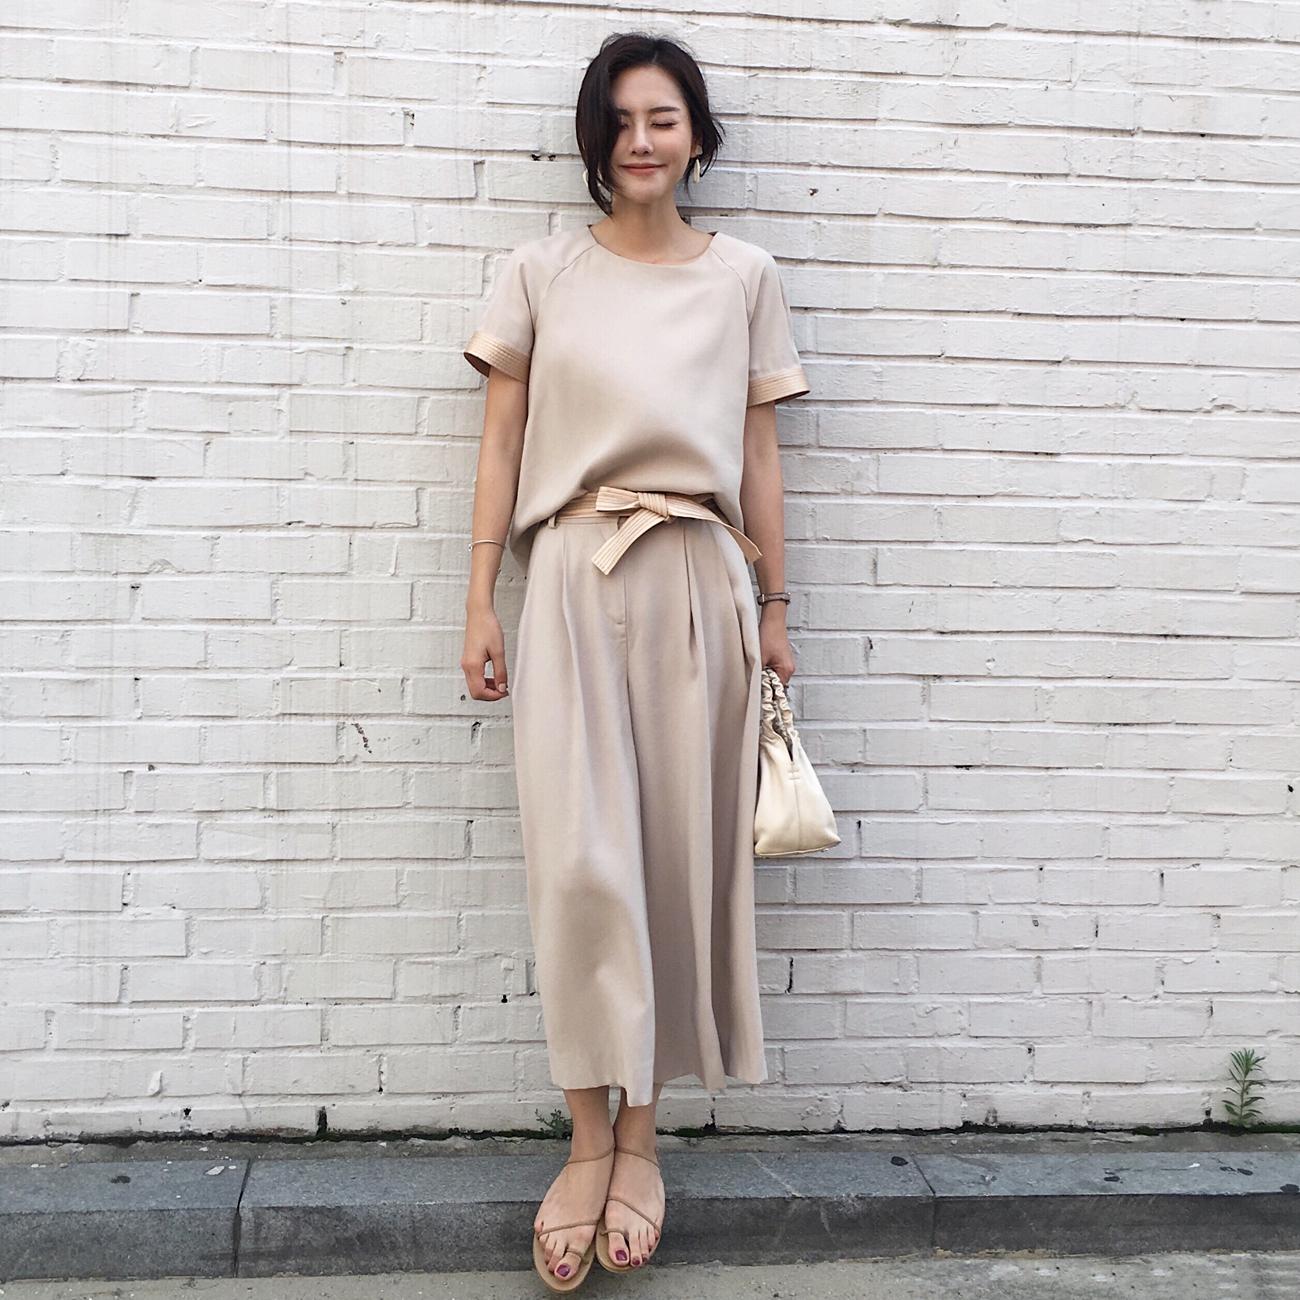 ◆ ASM ◆ 2018 mùa hè mới rắn màu khí quanh cổ áo sơ mi ngắn tay thời trang rộng chân quần hai mảnh phù hợp với nữ